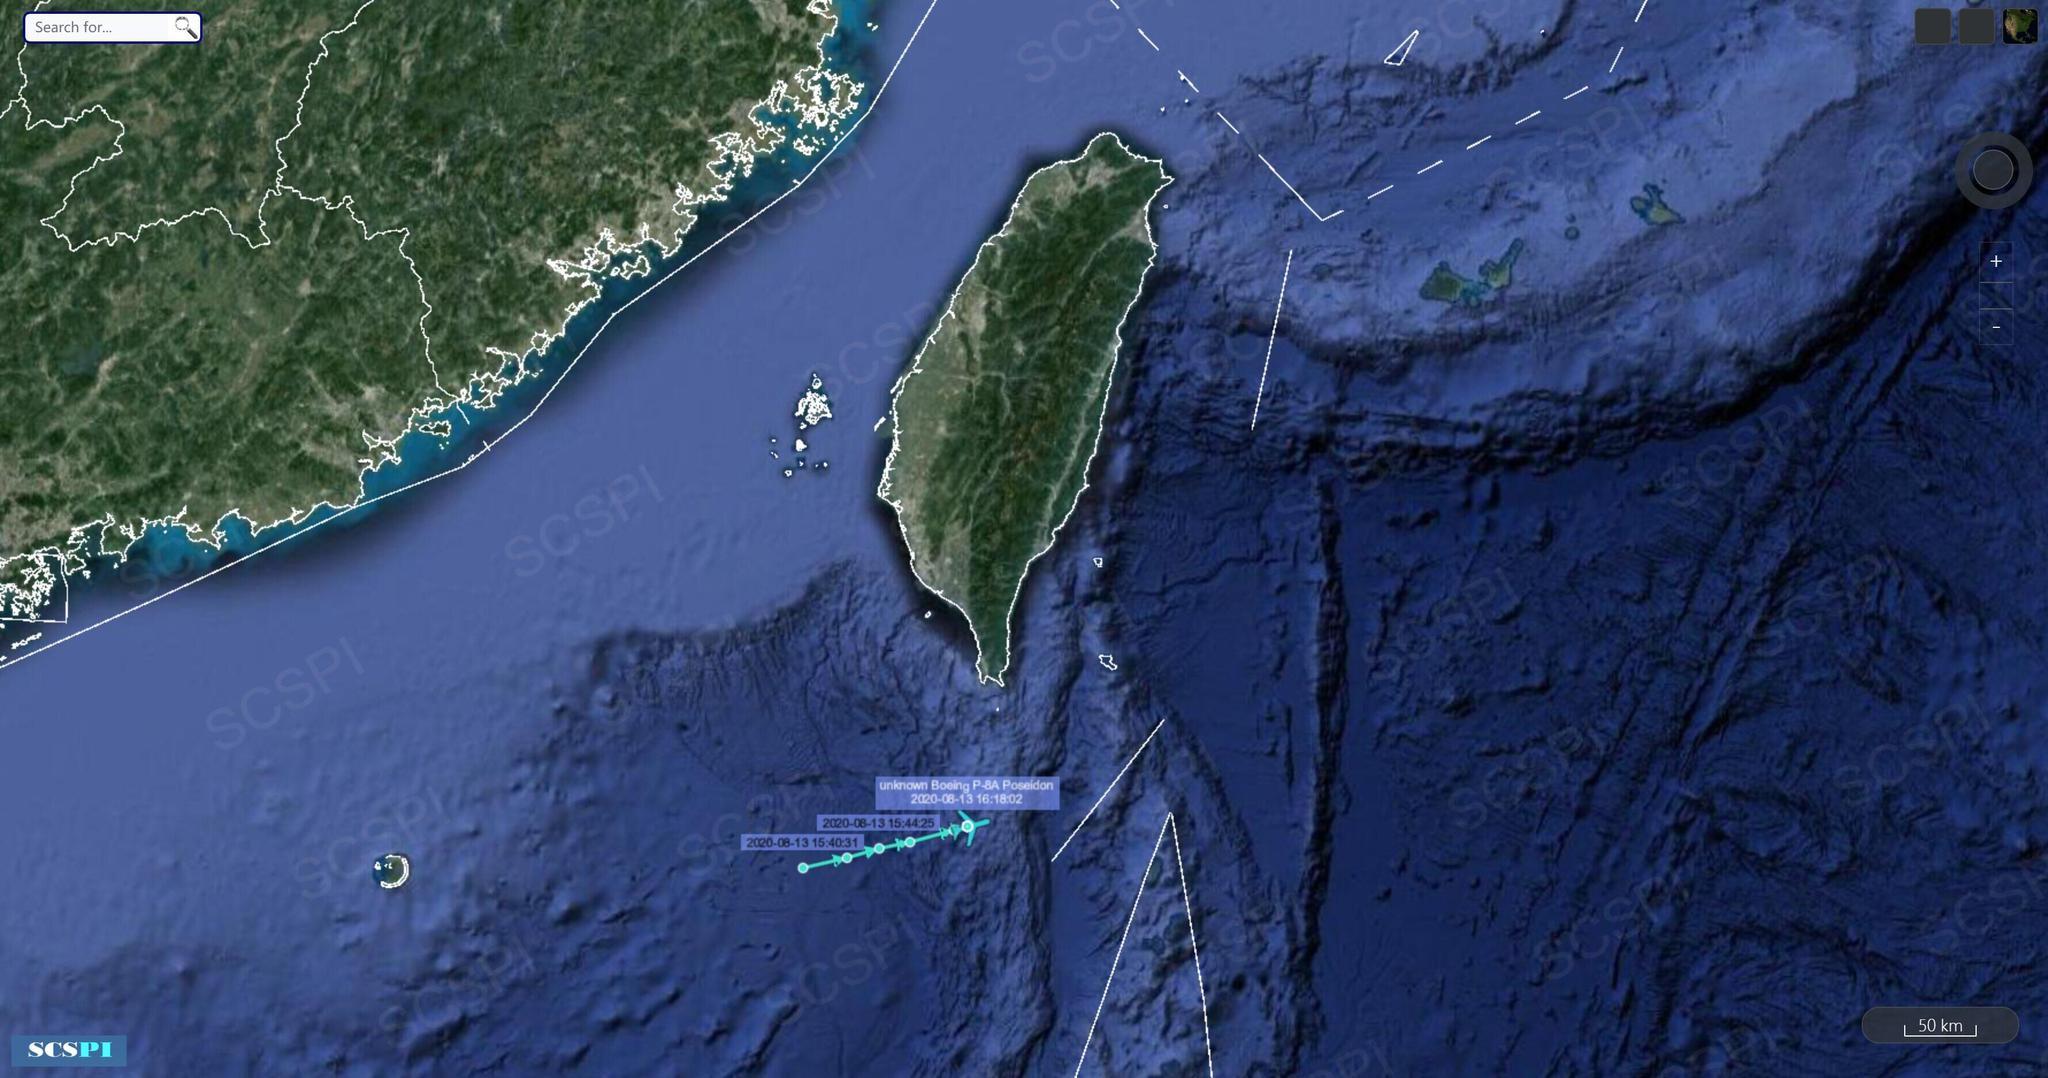 解放军在台湾海峡演练之际 美派